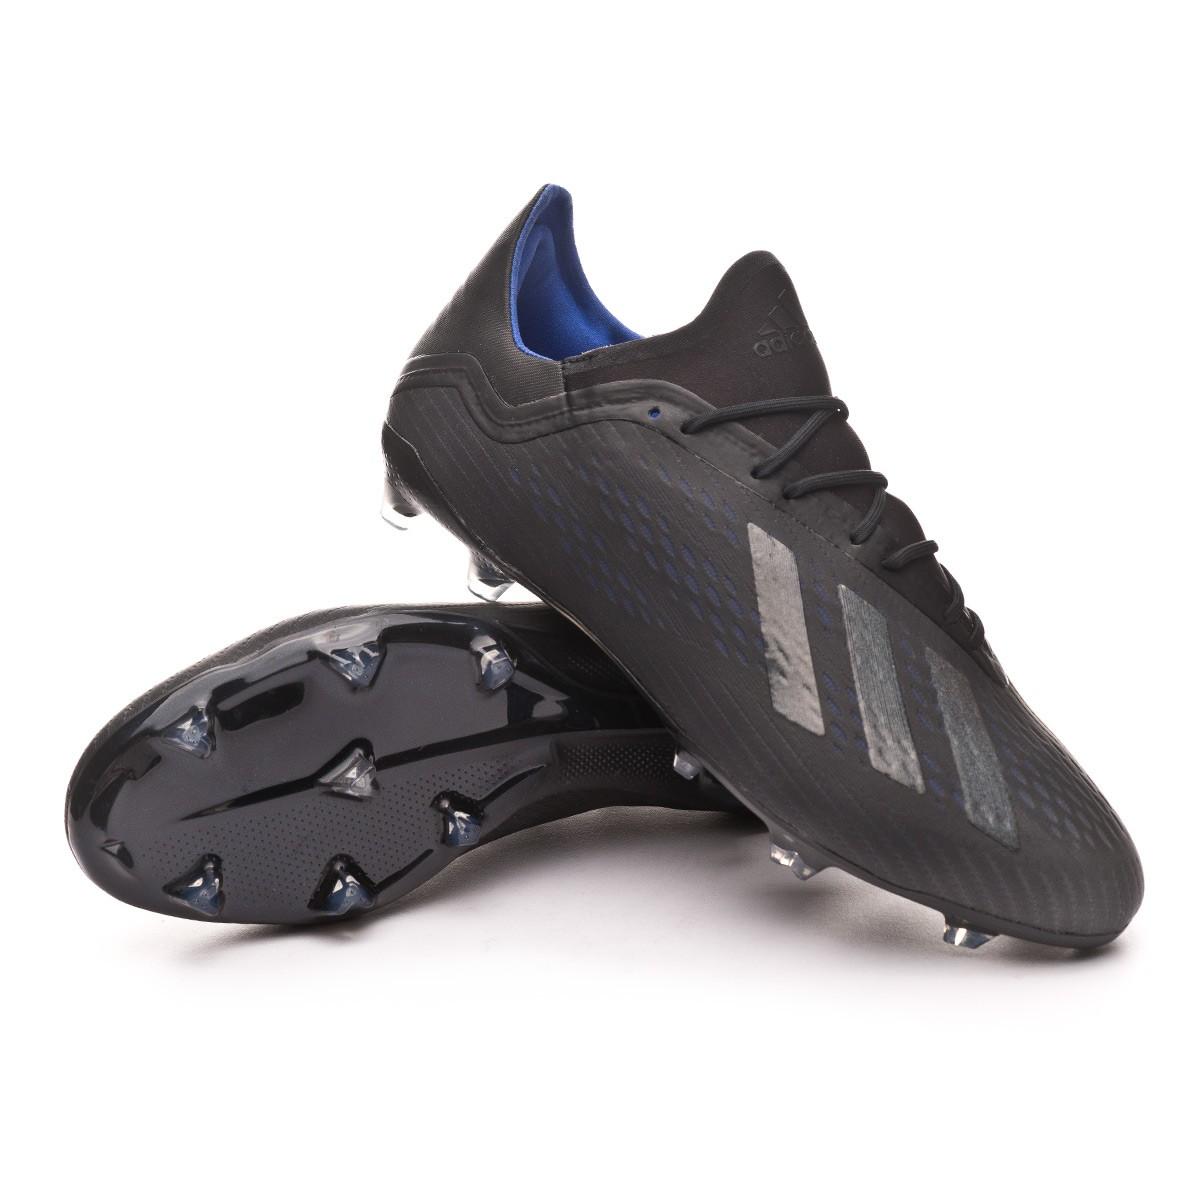 18 Adidas Blue Core Fg Bold Black 2 X Chaussure De Boutique Foot nwO80PXk